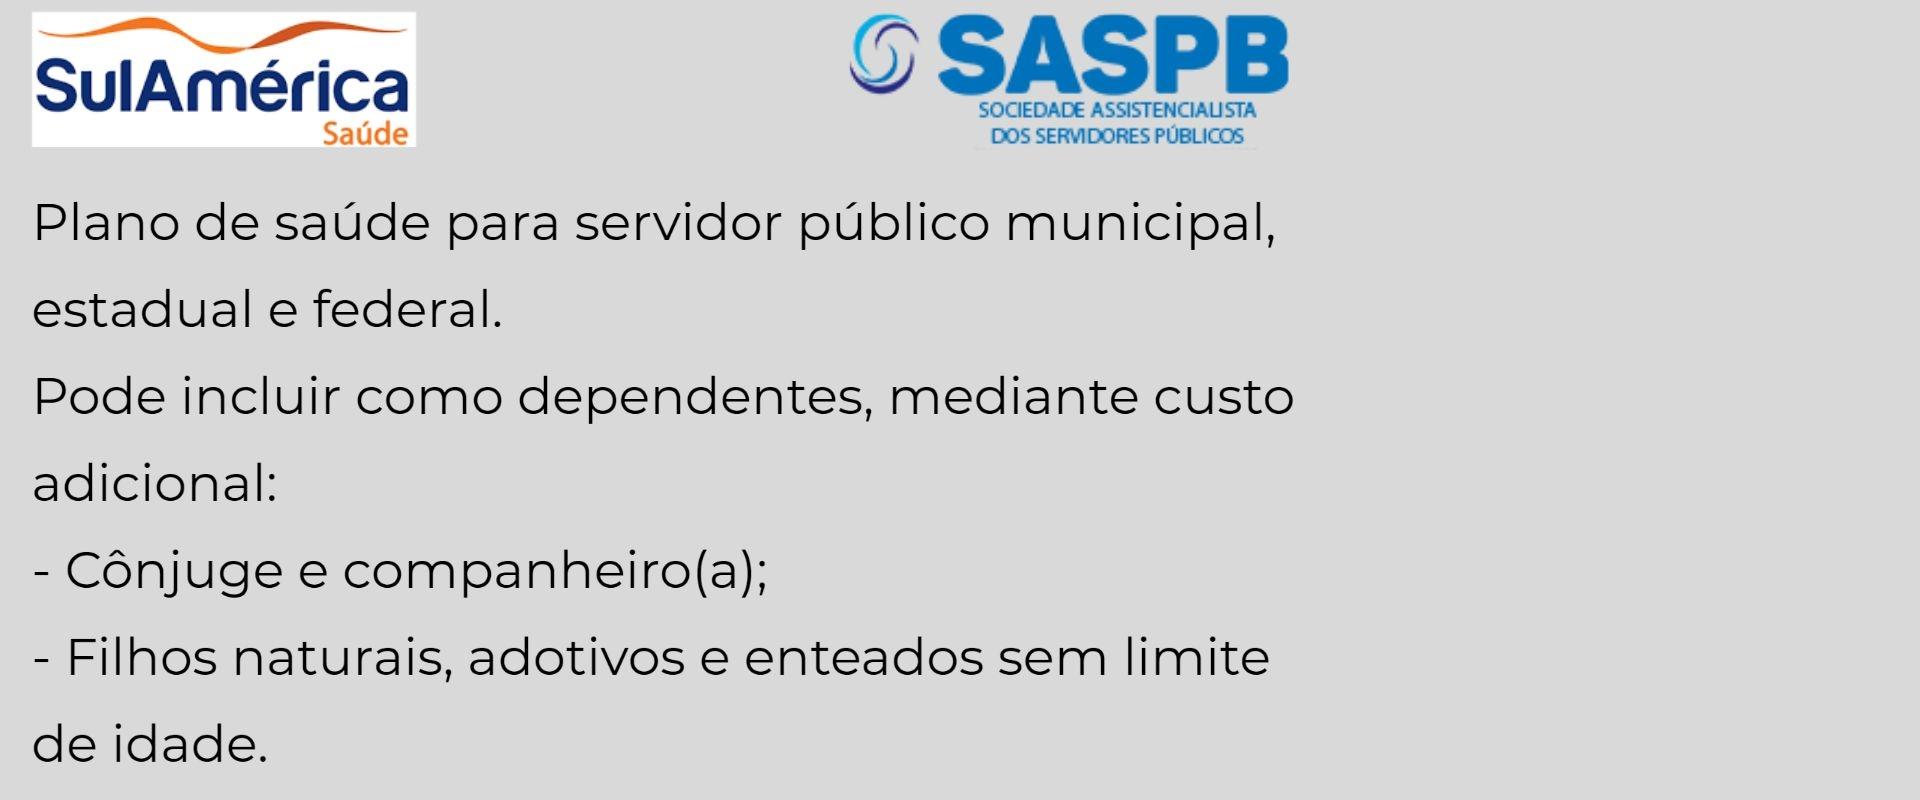 Sul América Saúde SASPB-GO